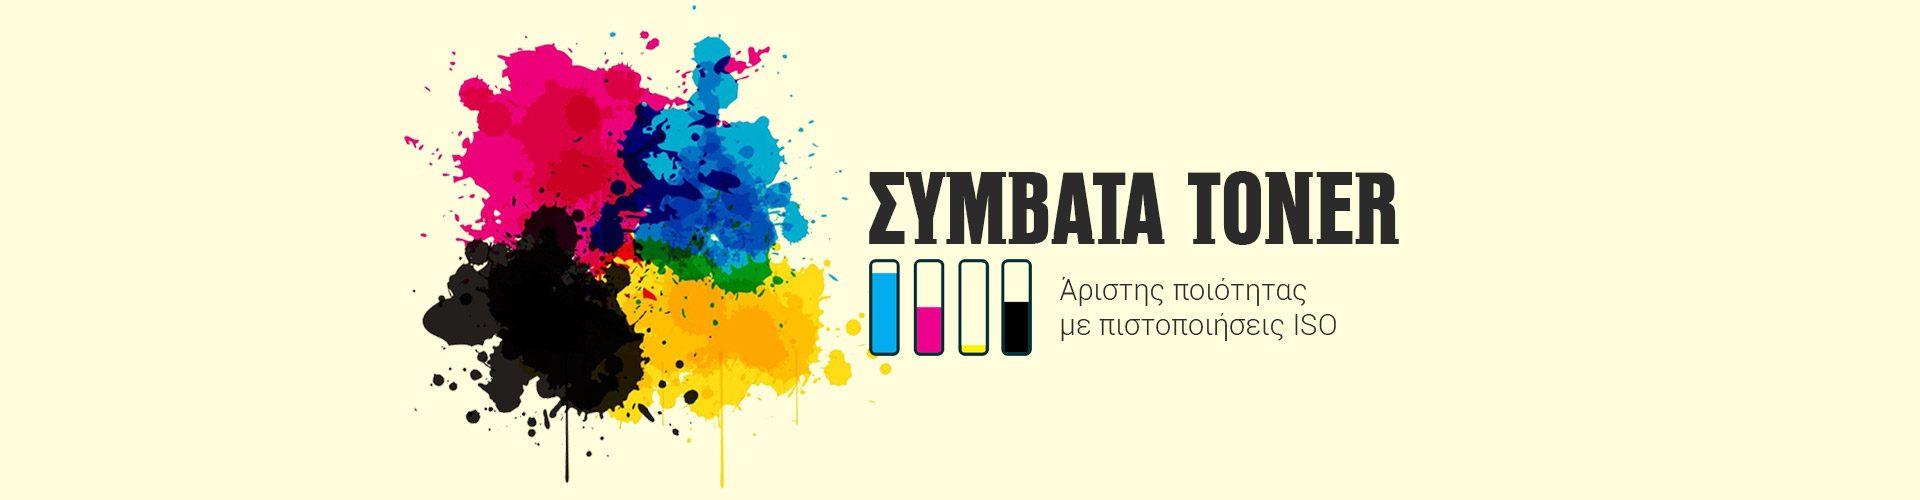 jambacopy-homepage-banner-toner-desktop